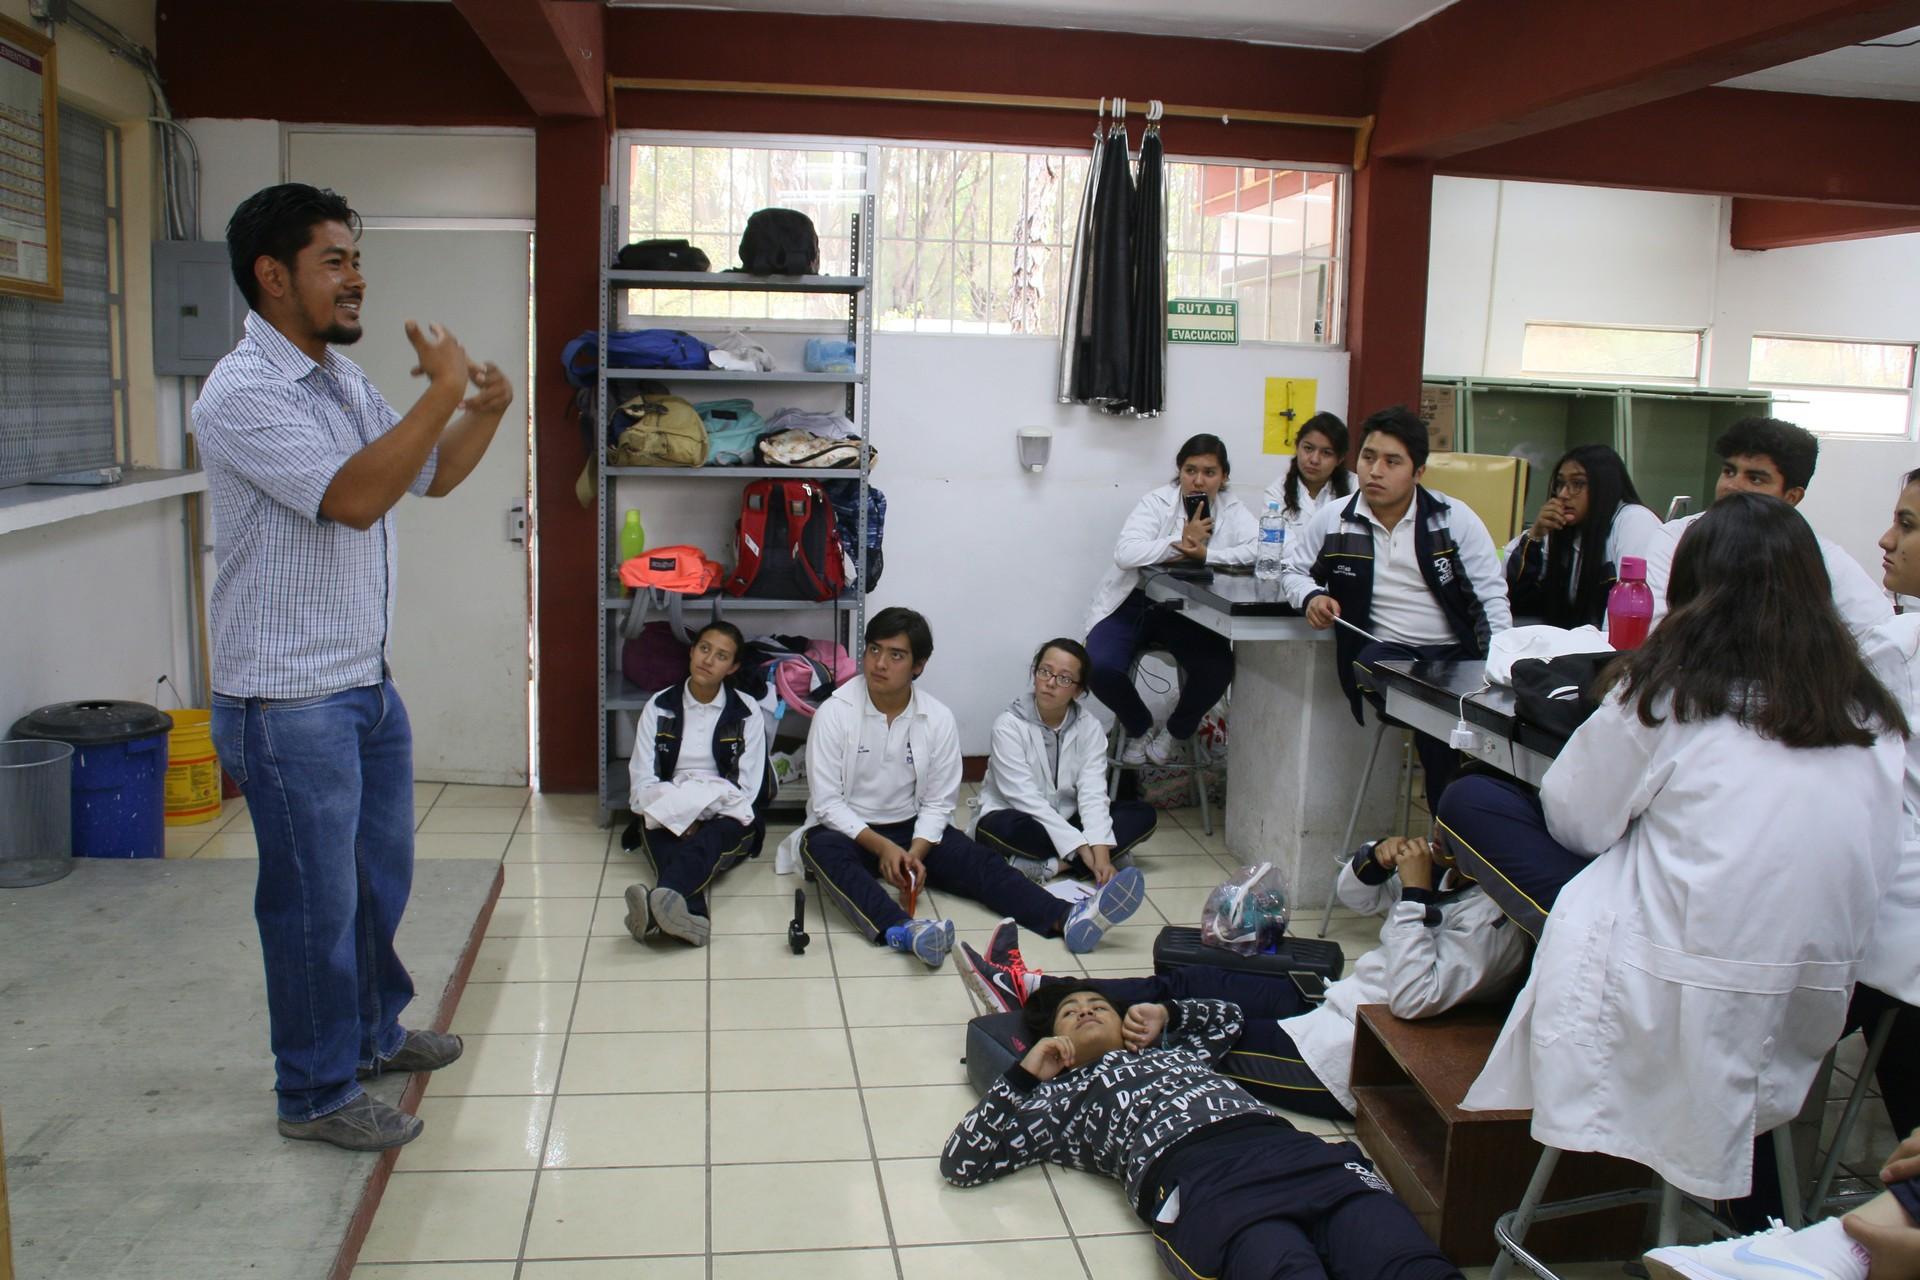 Saúl enseña la clase sobre temas relacionados con el agua antes de la construcción de la cisterna.